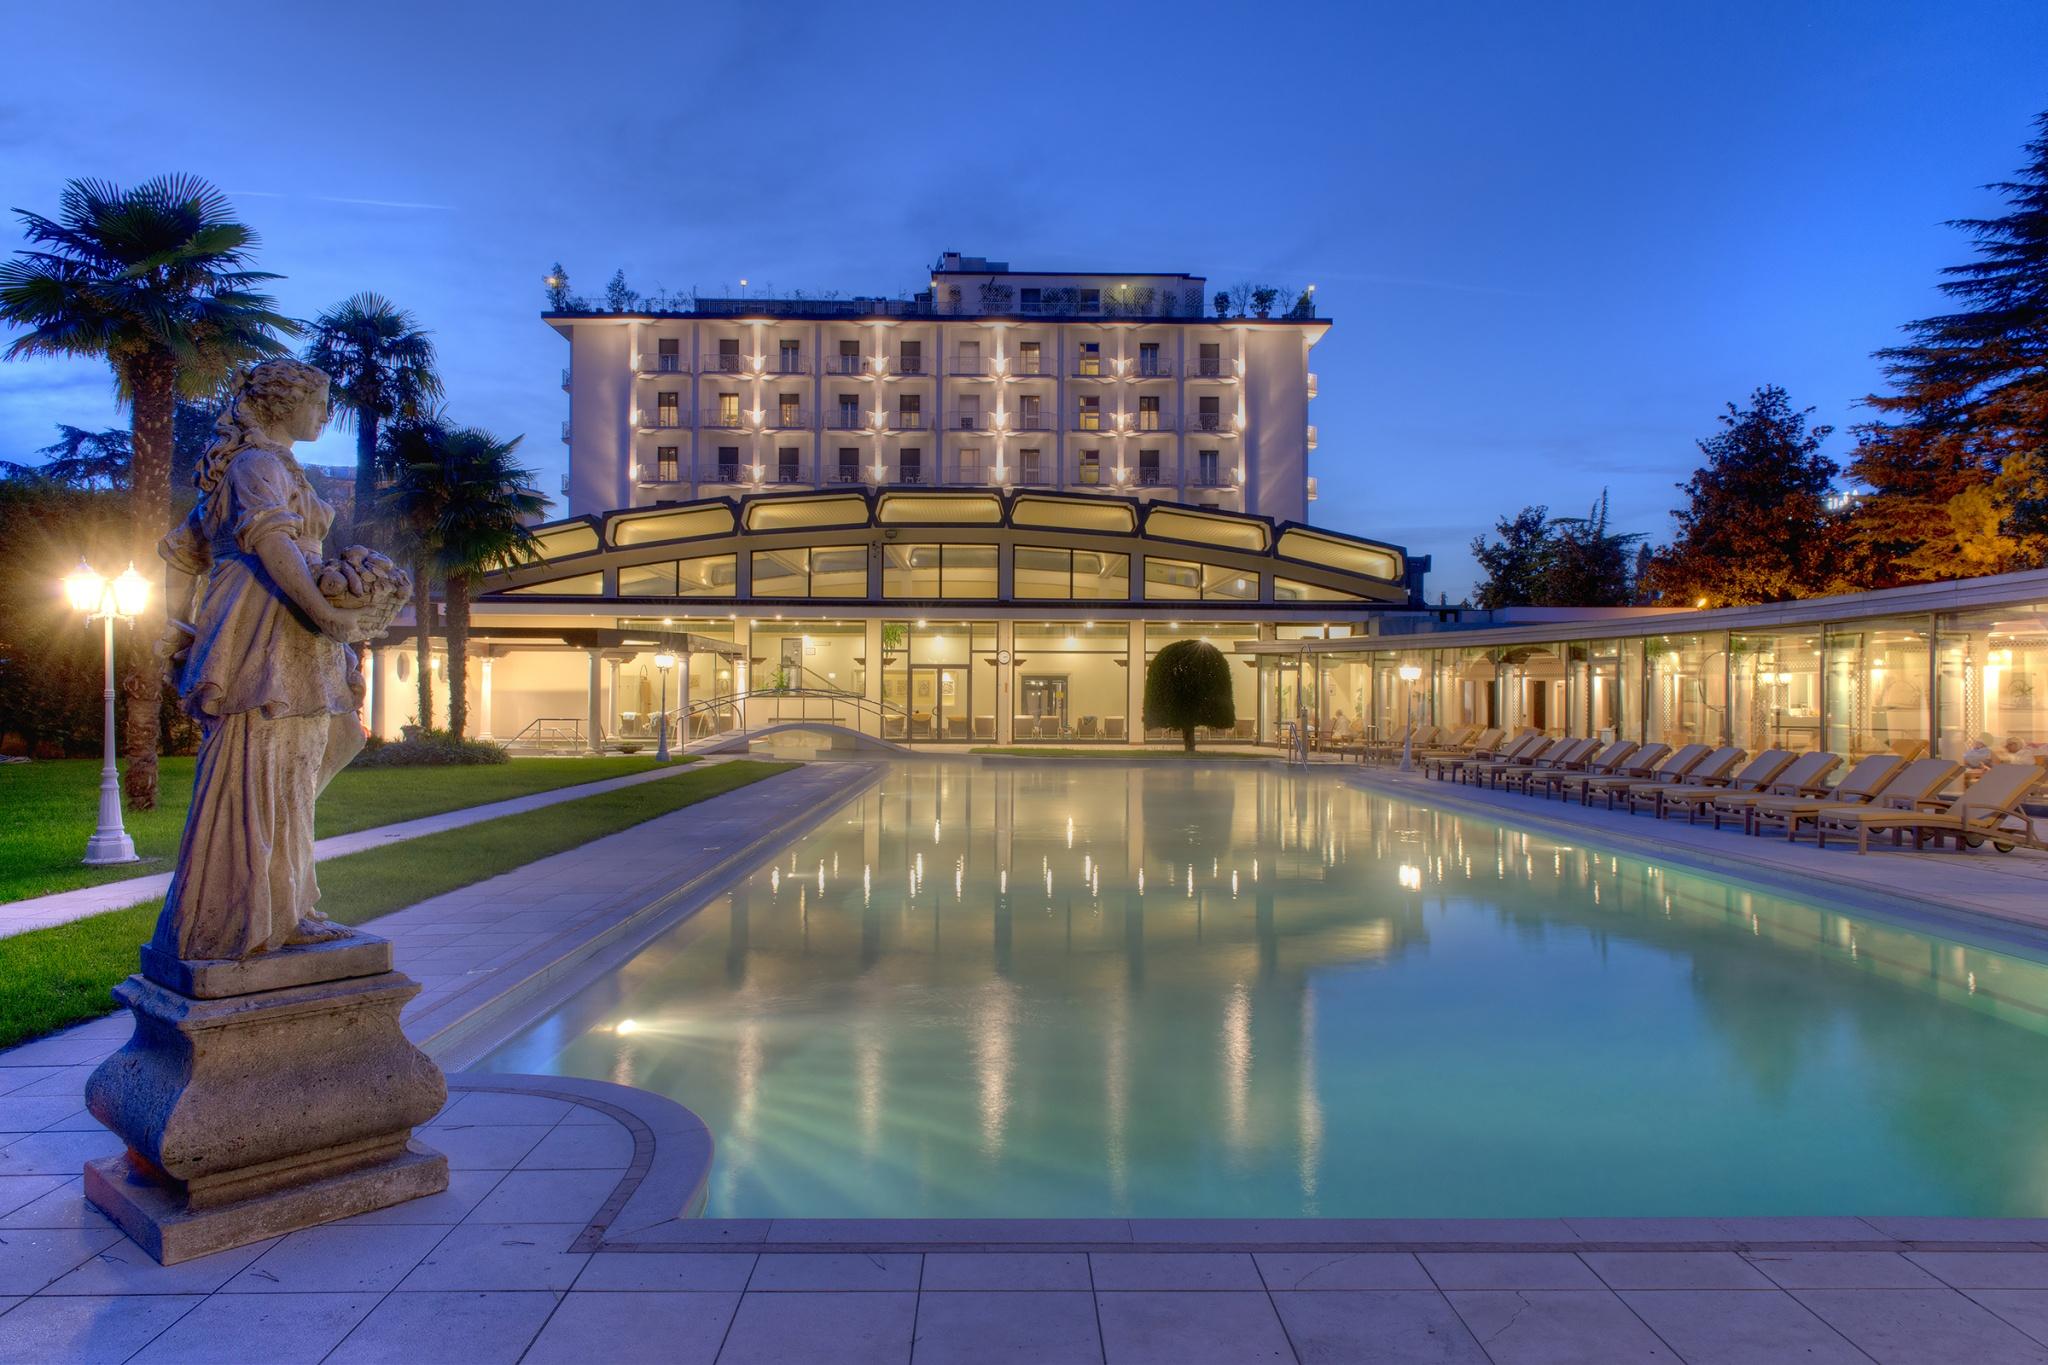 Hotel Abano Spa